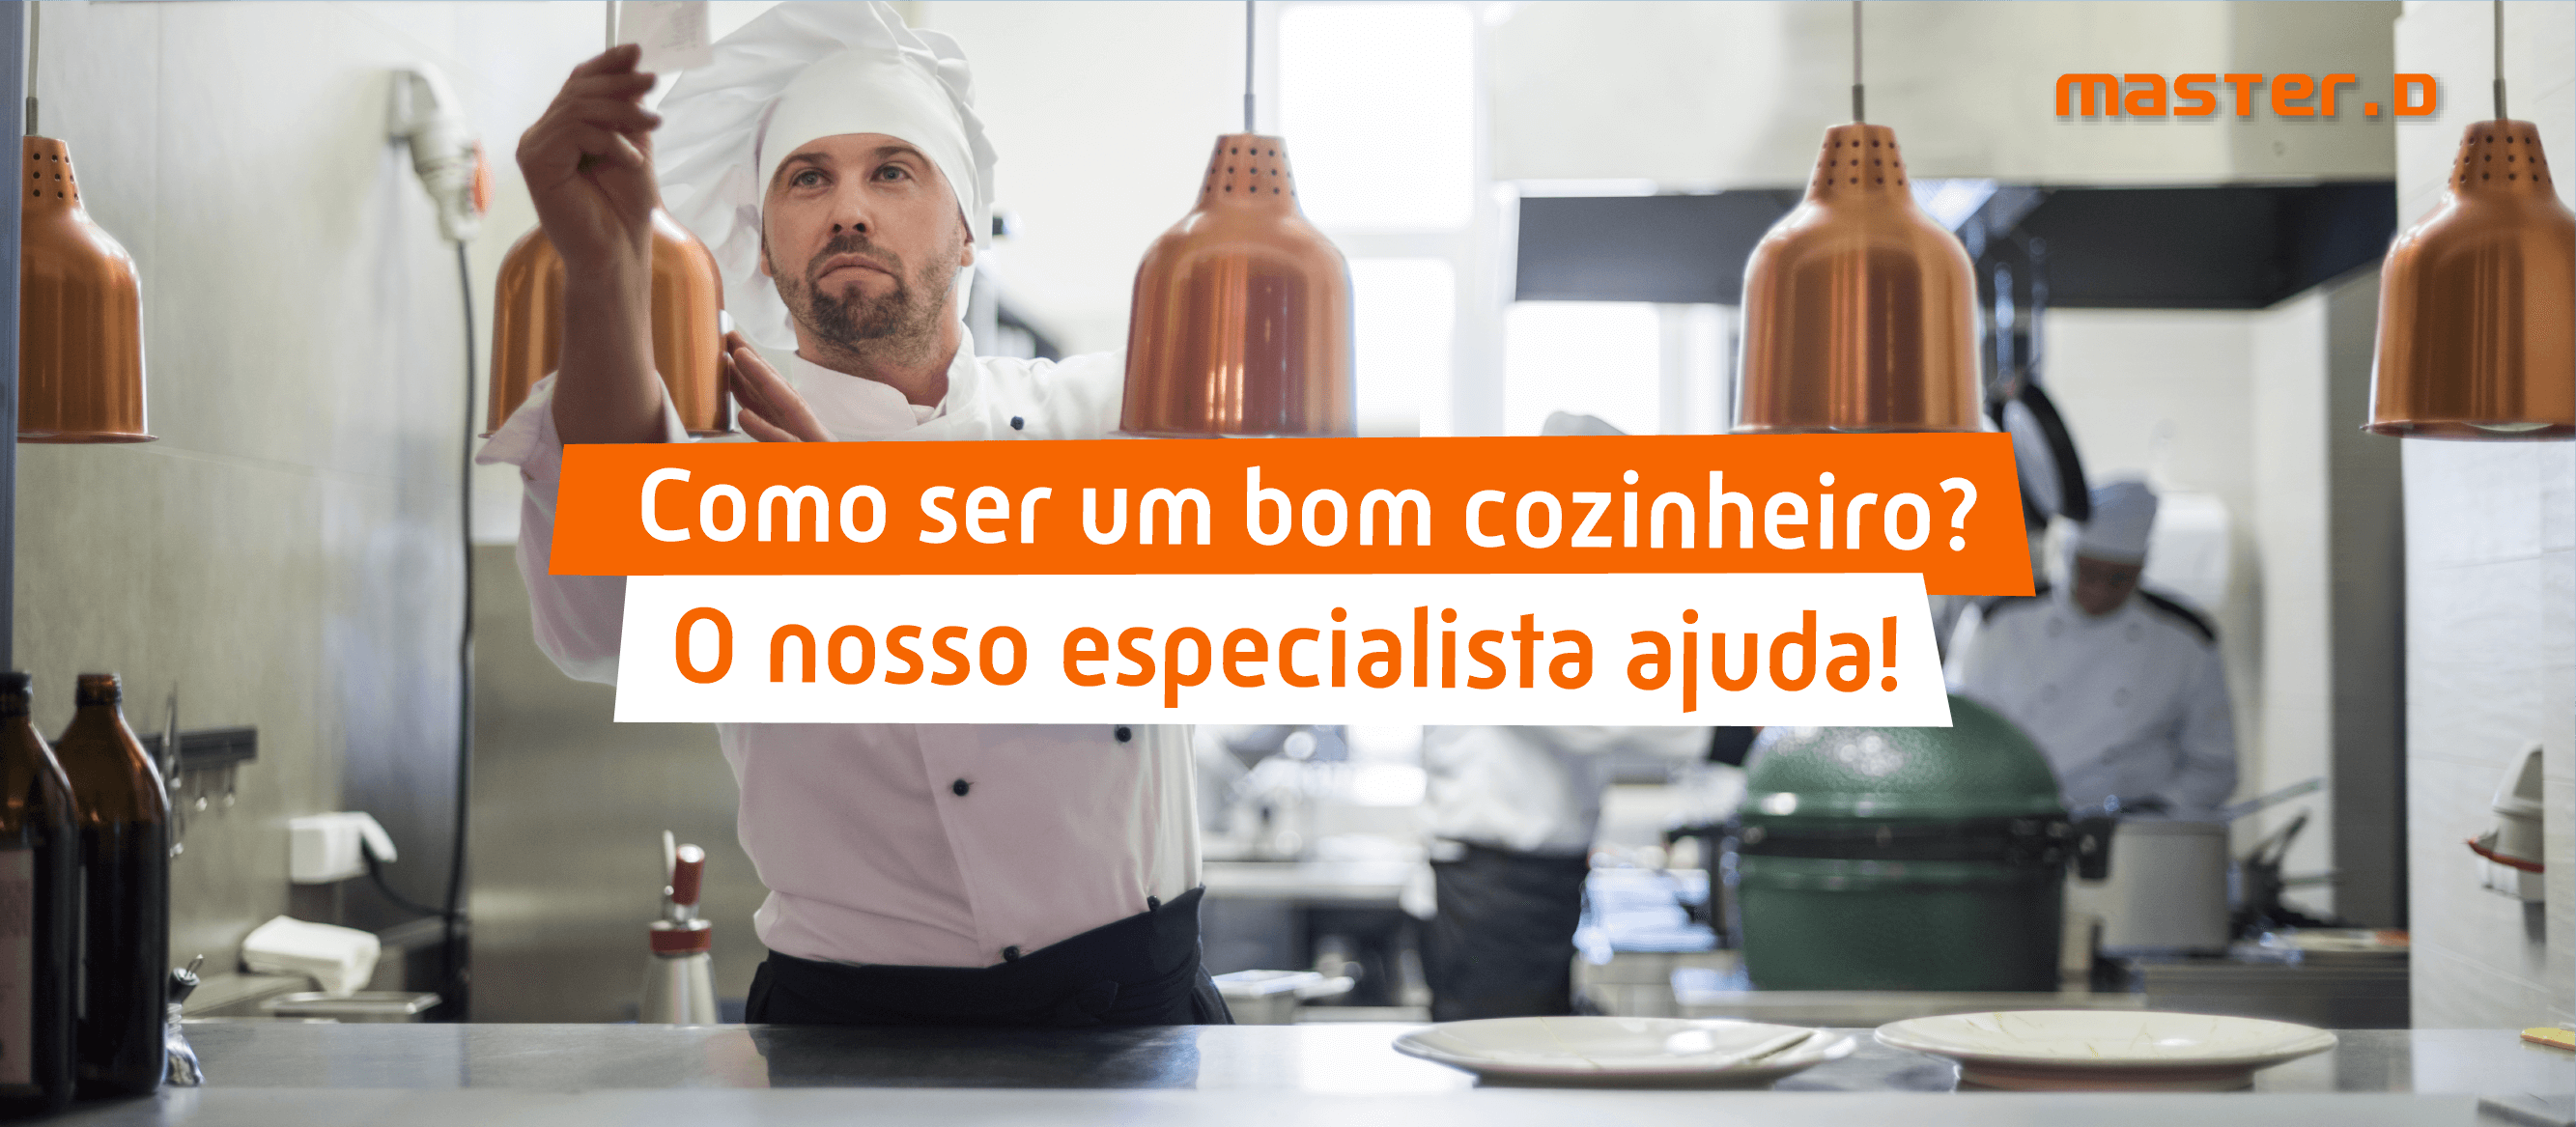 Cursos online de cozinha